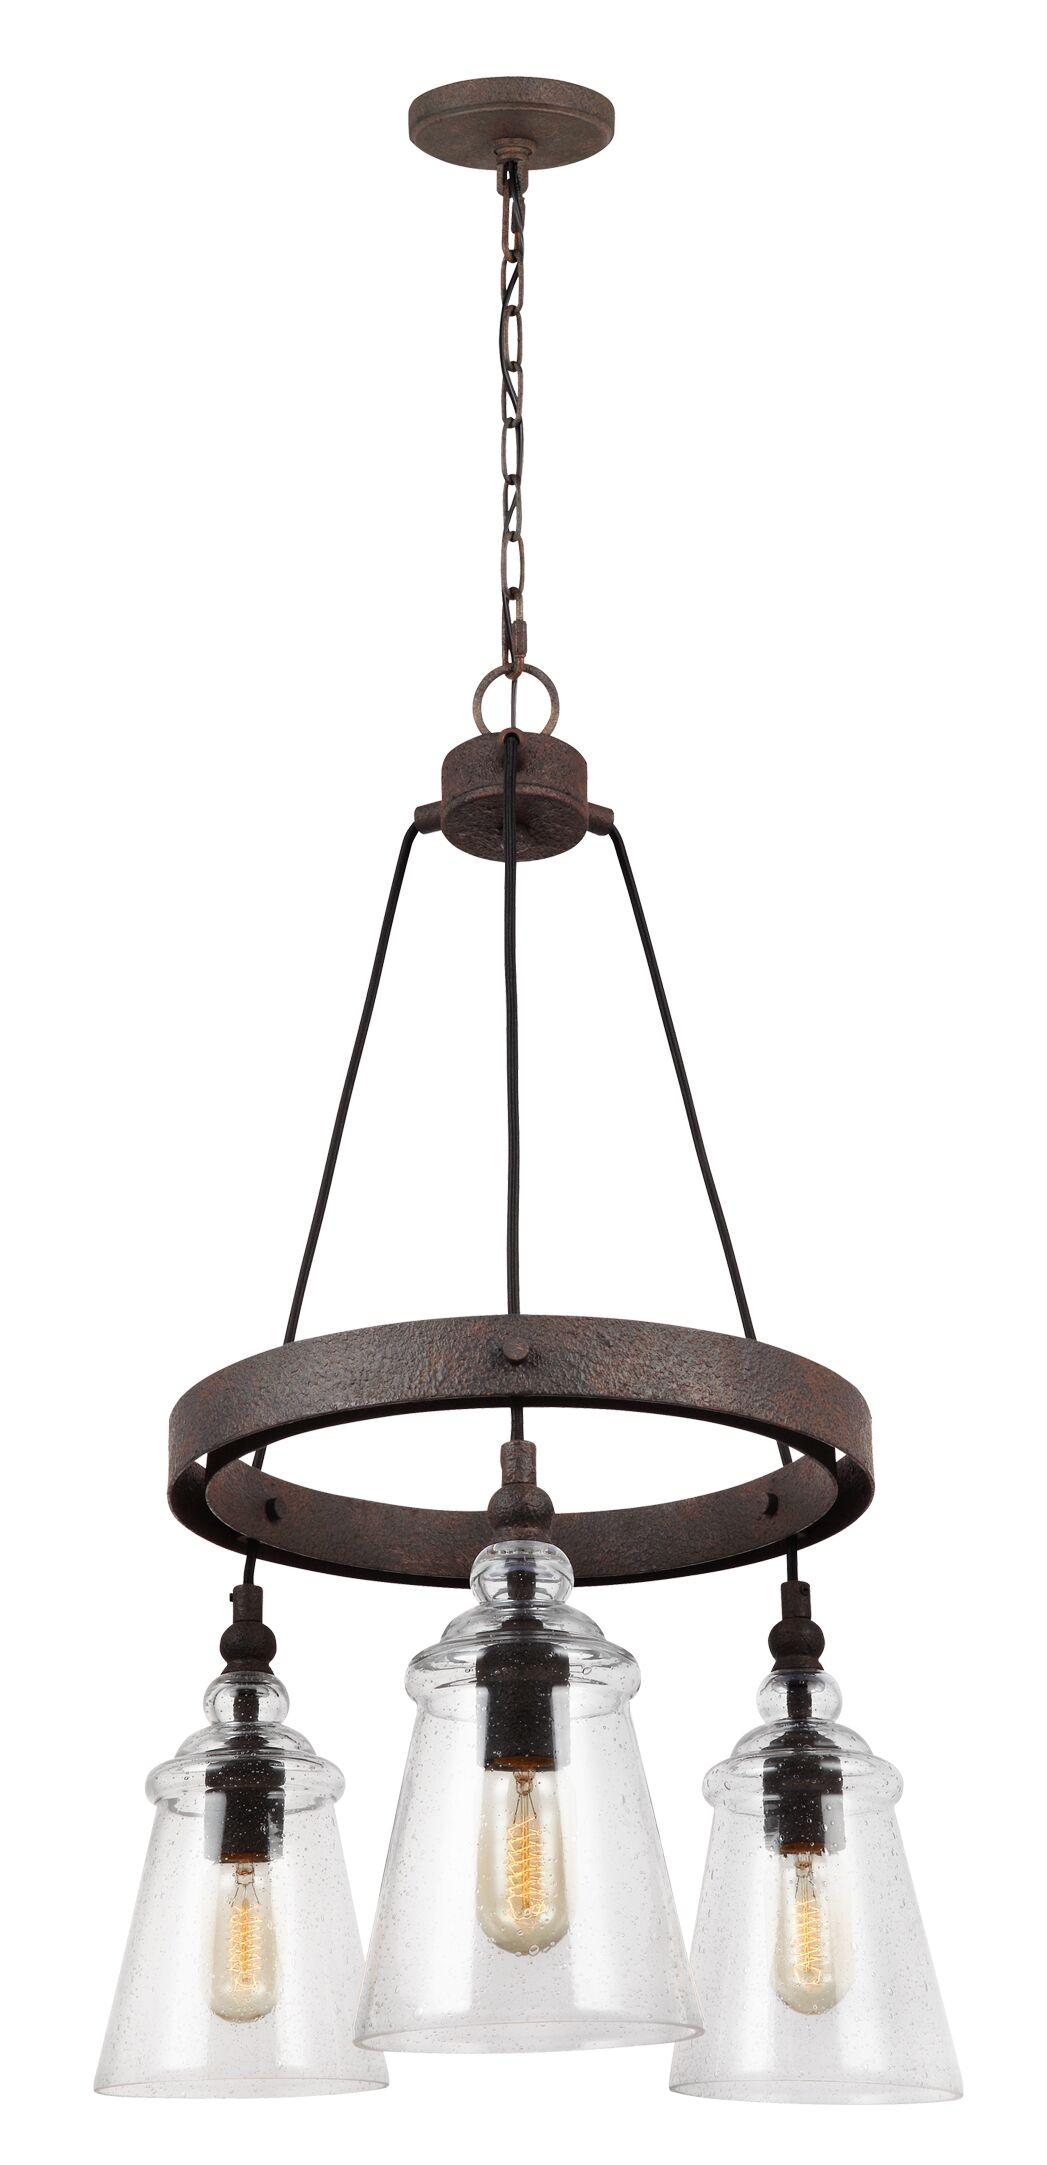 Sharwari 3-Light Wagon Wheel Chandelier Finish: Dark Weathered Iron